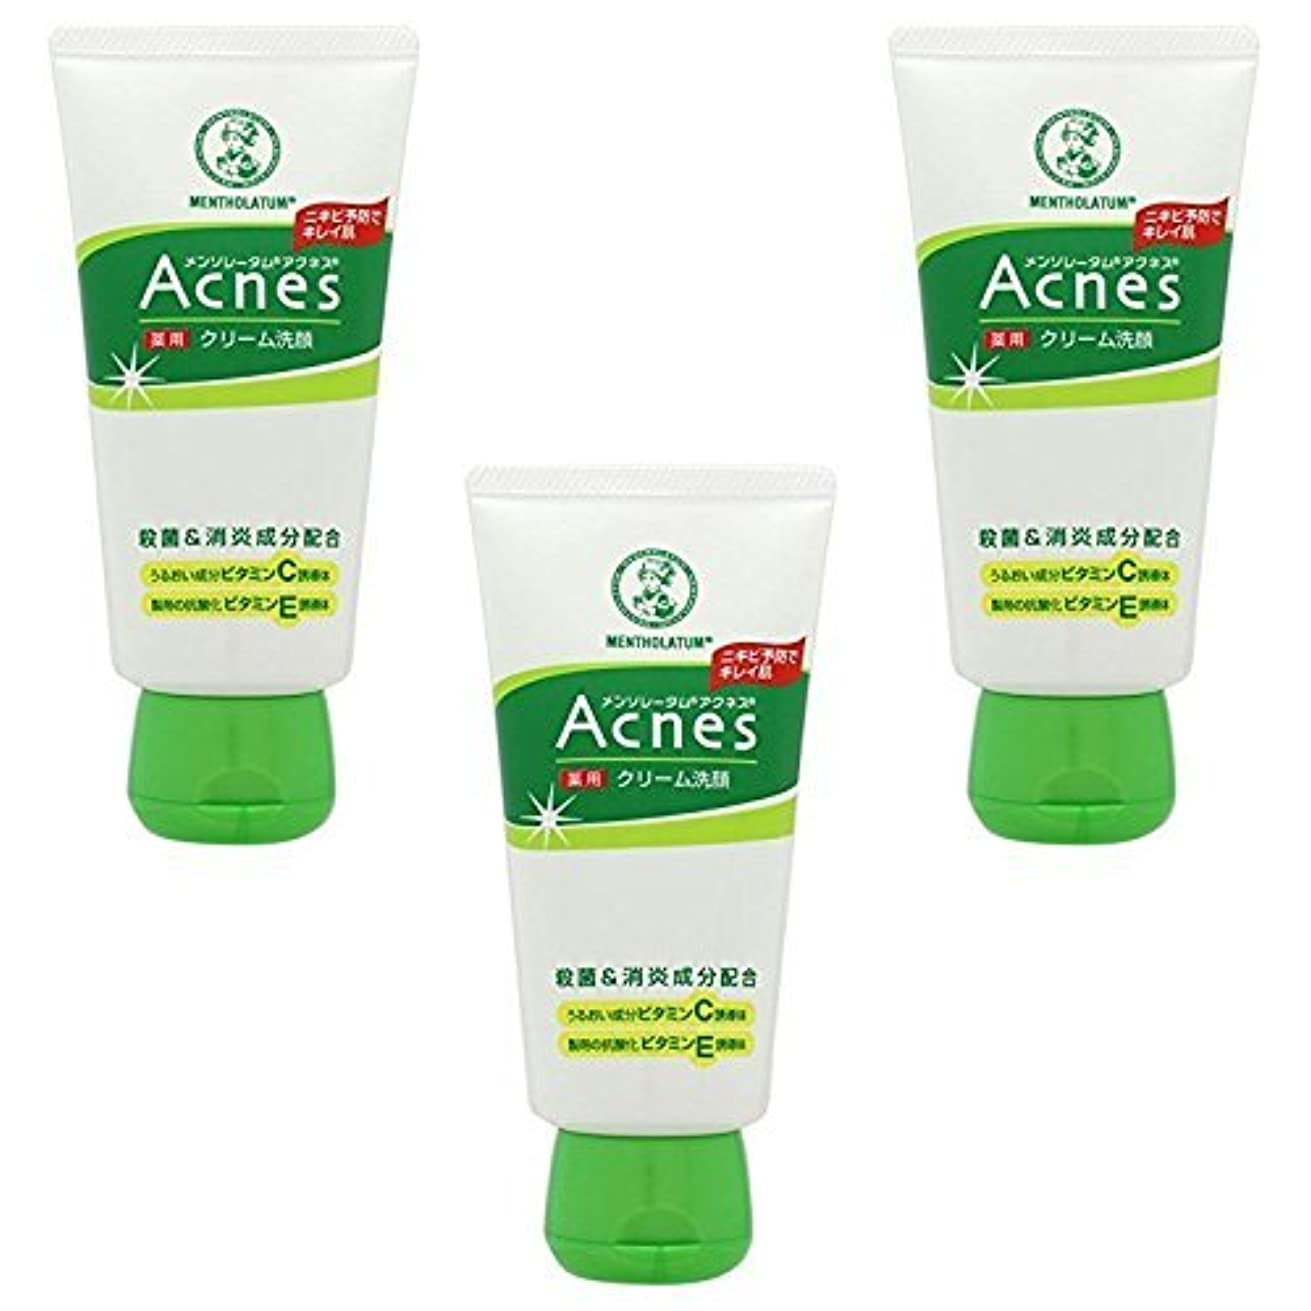 小麦案件ゆるく【まとめ買い】Acnes(アクネス) 薬用クリーム洗顔 130g (医薬部外品) ×3個